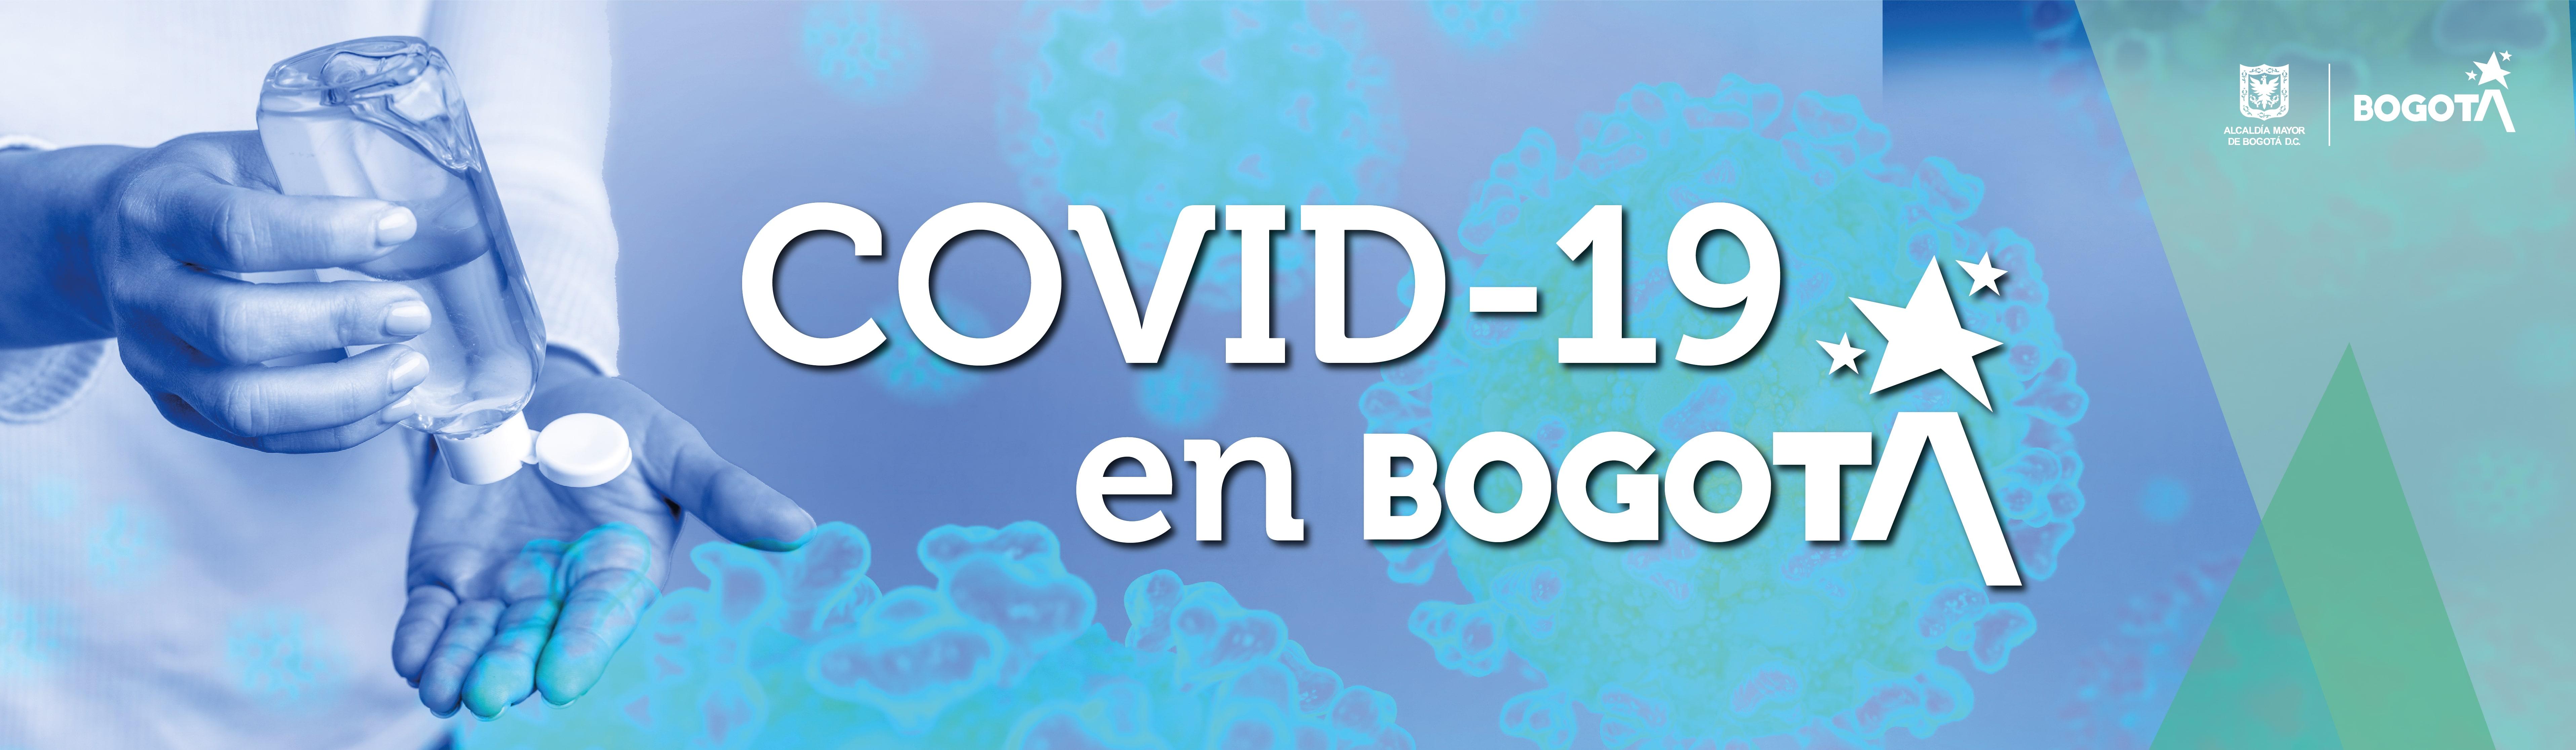 Conoce y mantente al tanto de todos los indicadores que nos permiten tomar las mejores decisiones para atender la emergencia por COVID-19 en Bogotá.